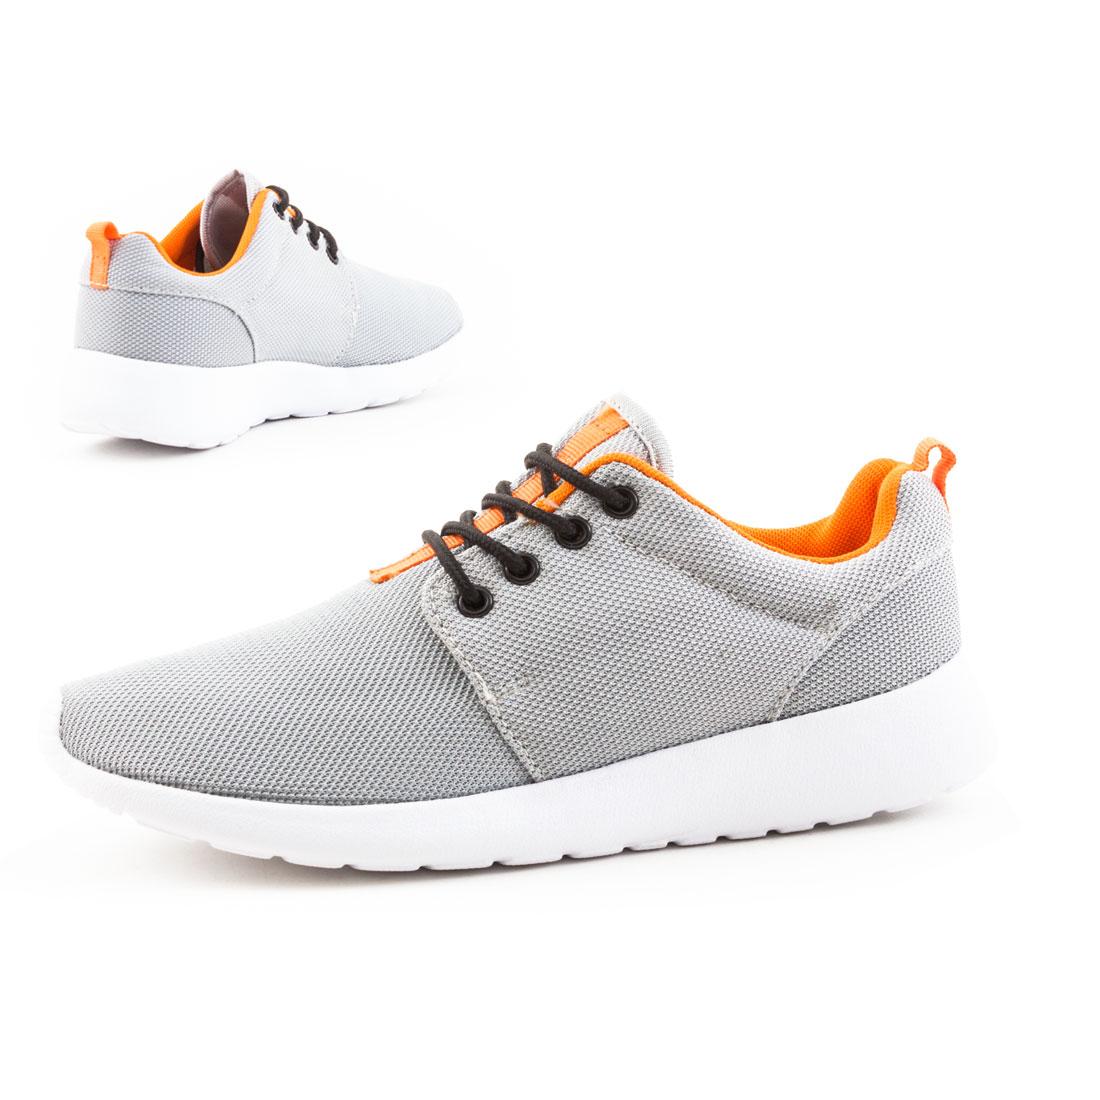 Neu Damen Sneaker Fitness Laufschuhe Schn��r Sport Schuhe Gr 36 37 38 39 40 41 ewVLf9